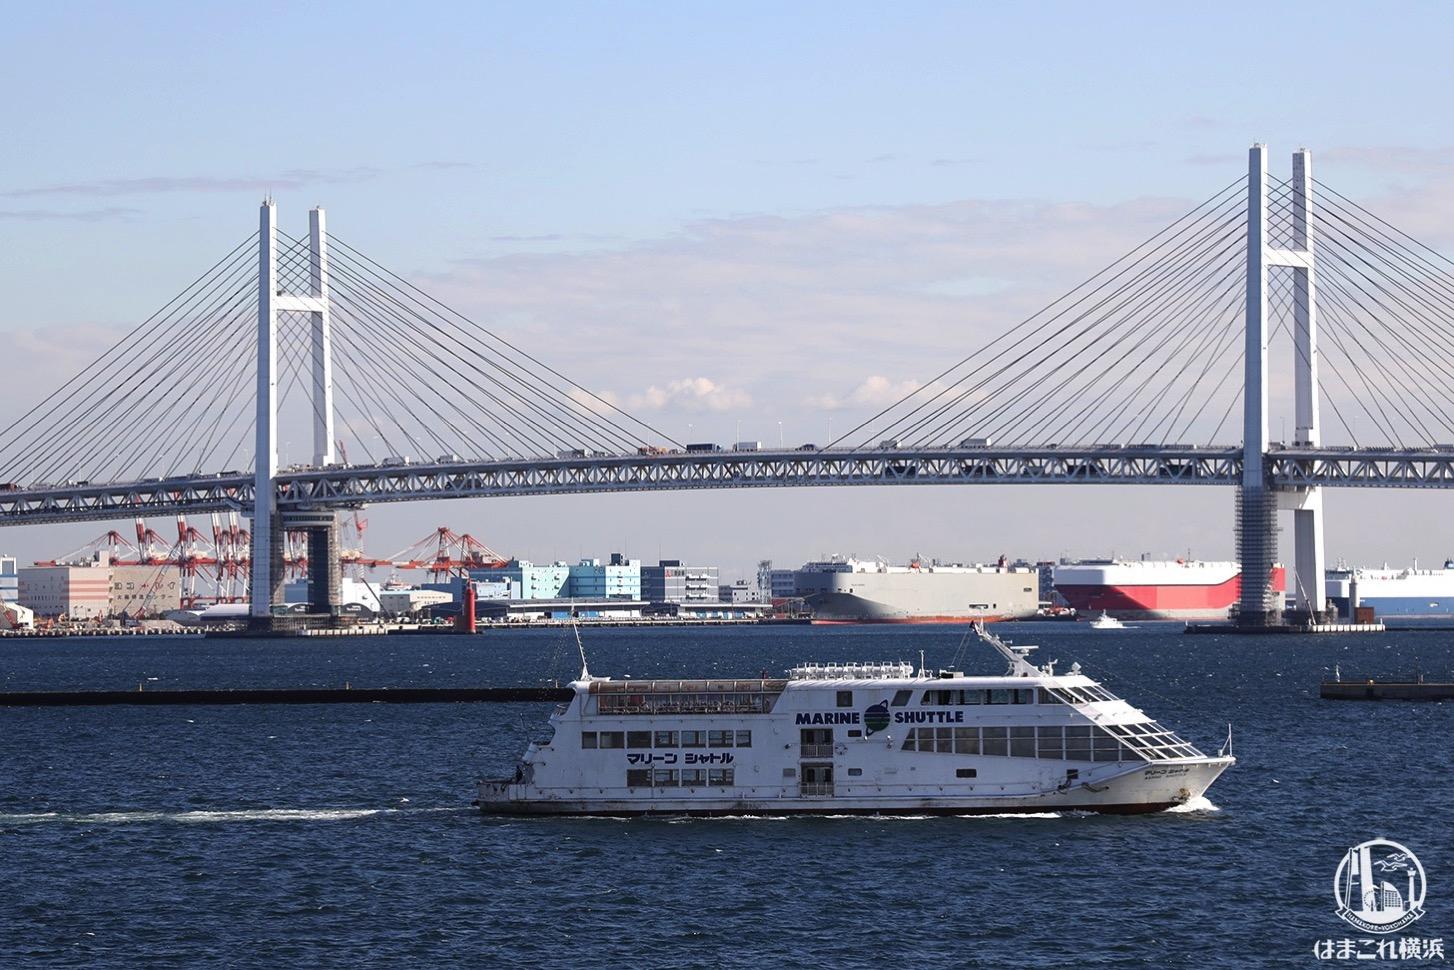 横浜港大さん橋国際客船ターミナルから見た横浜ベイブリッジ